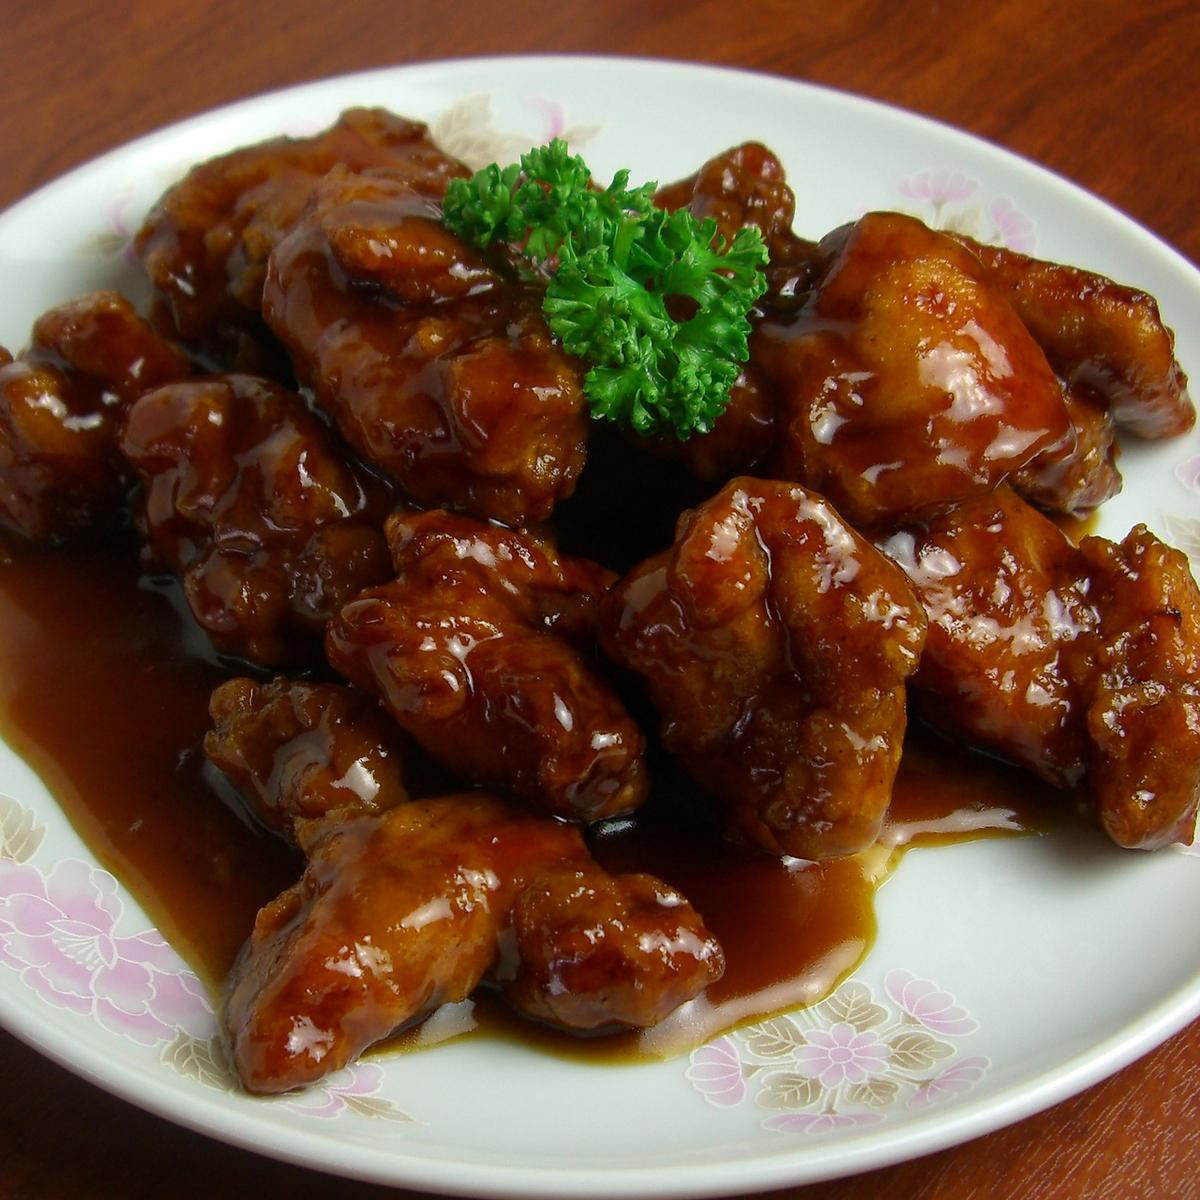 鶏肉の黒酢ソース/豚肉とピーマンの炒め